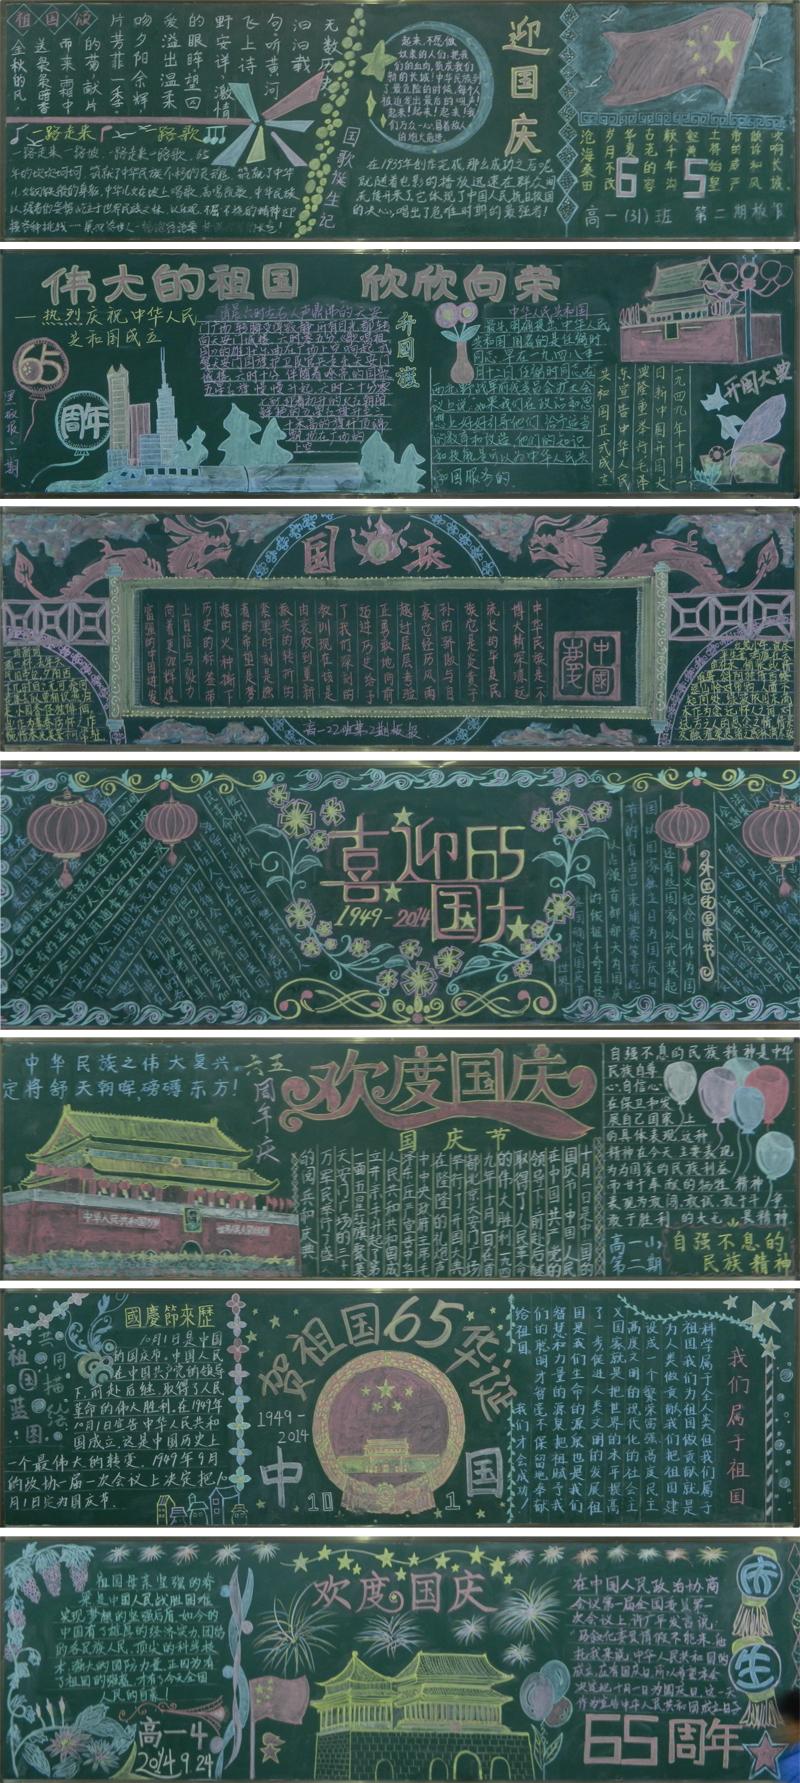 寿县一中迎国庆黑板报设计比赛评比结果通报